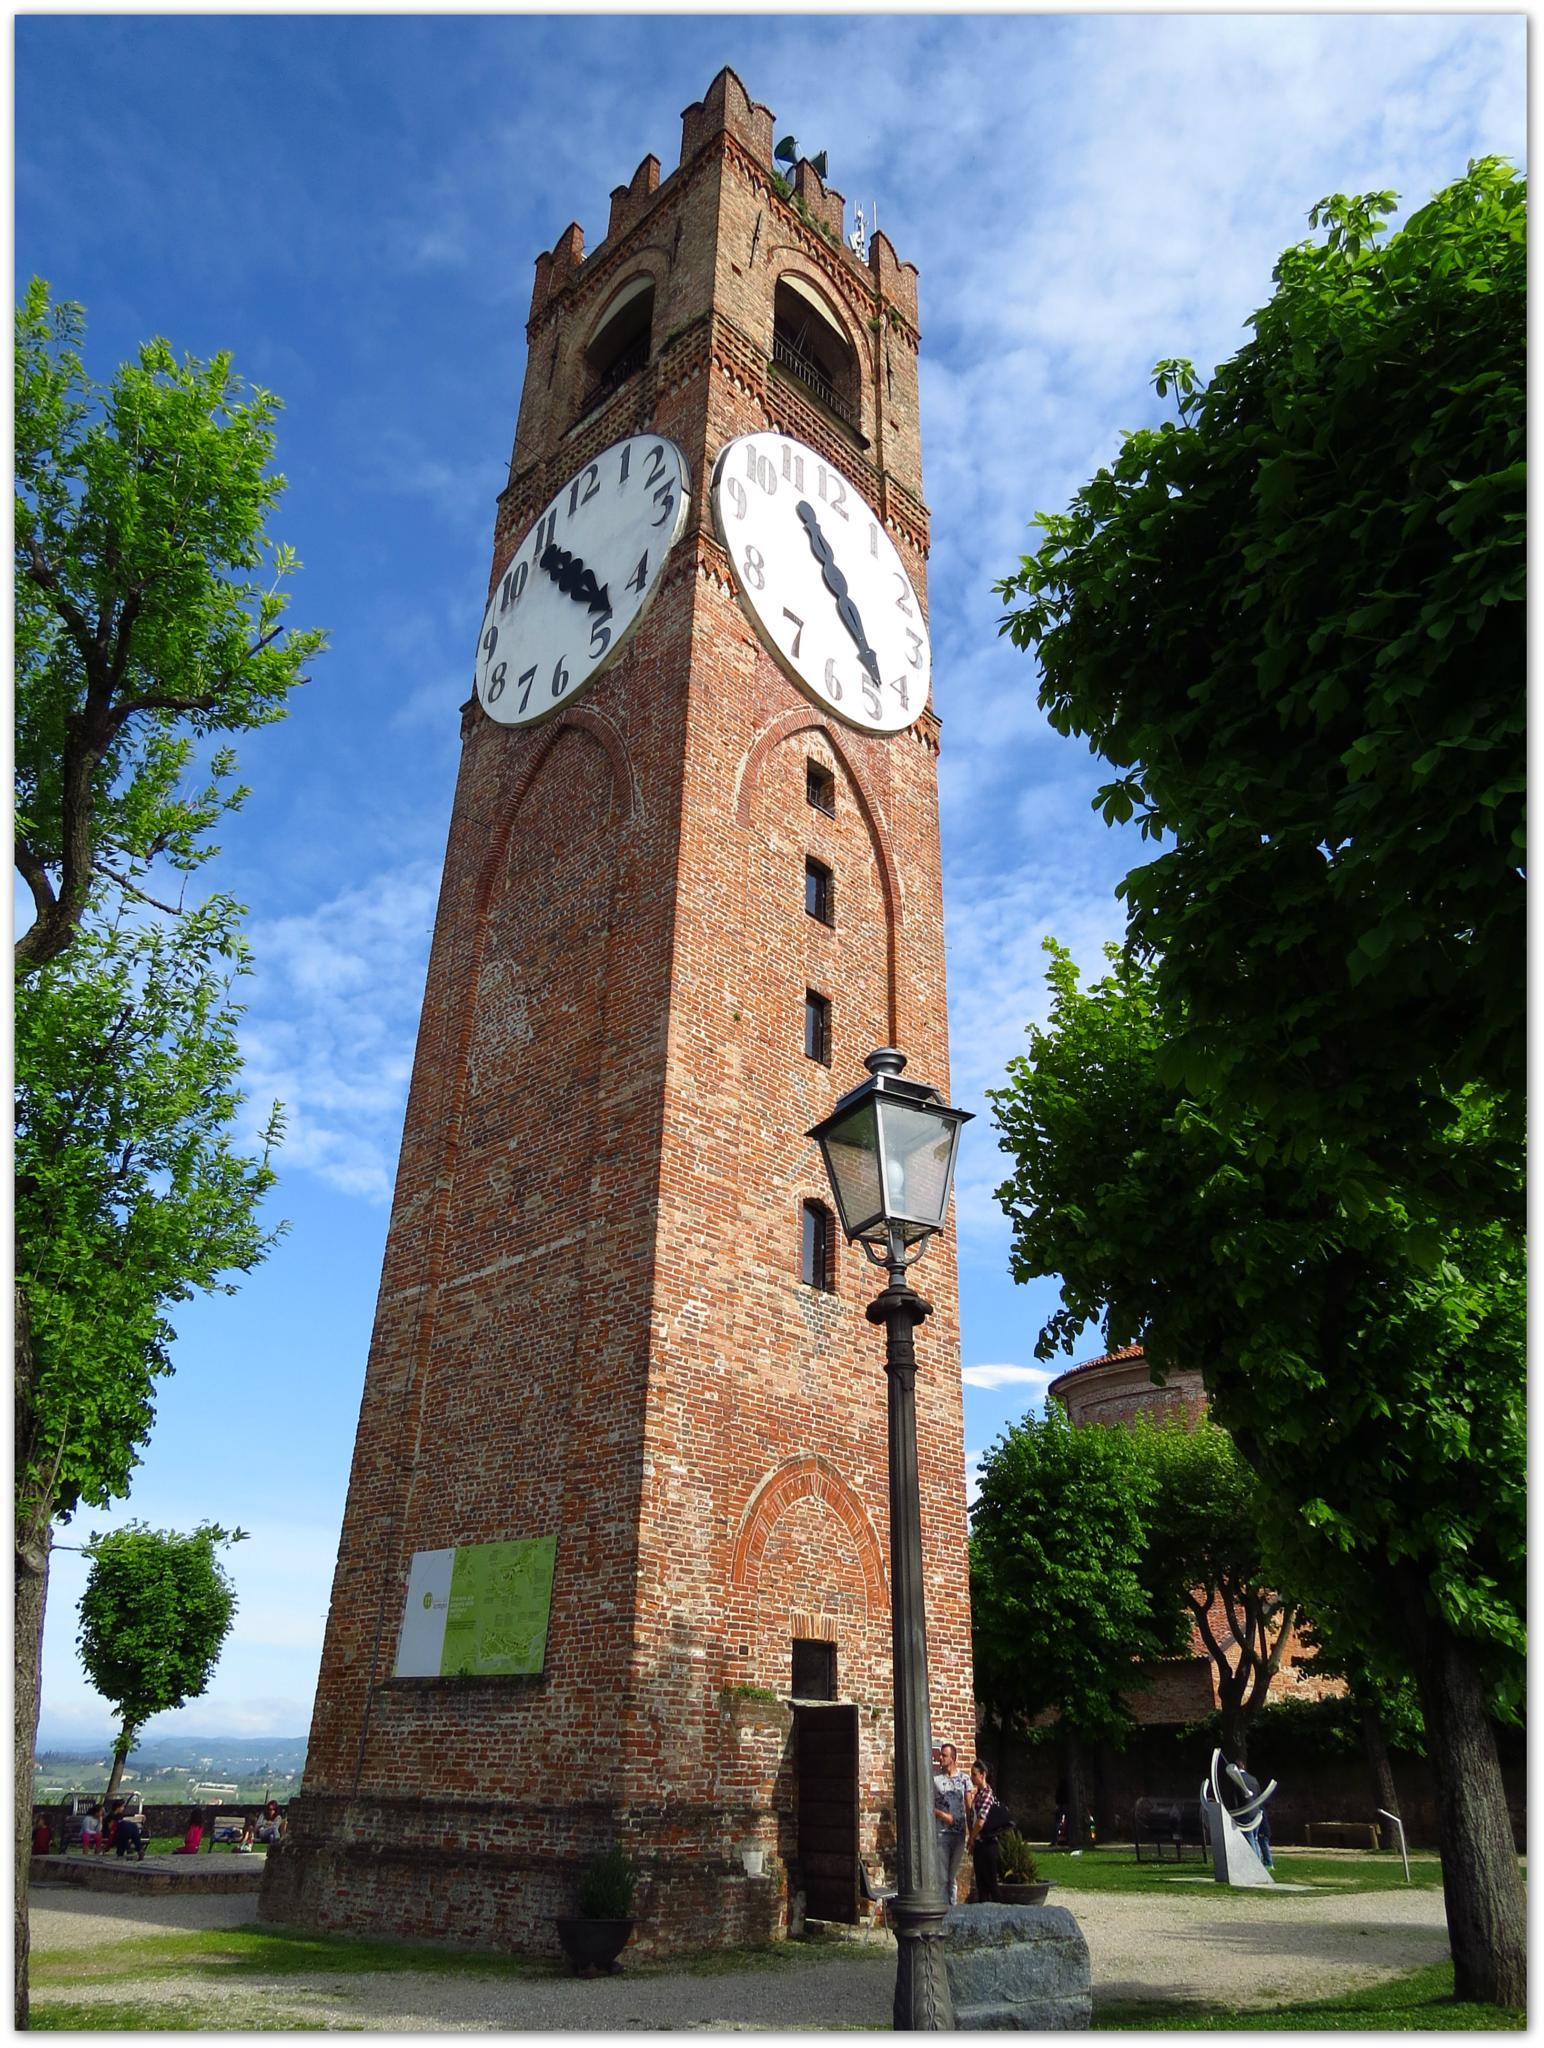 Mondovì - Torre dell'orologio by Antonella